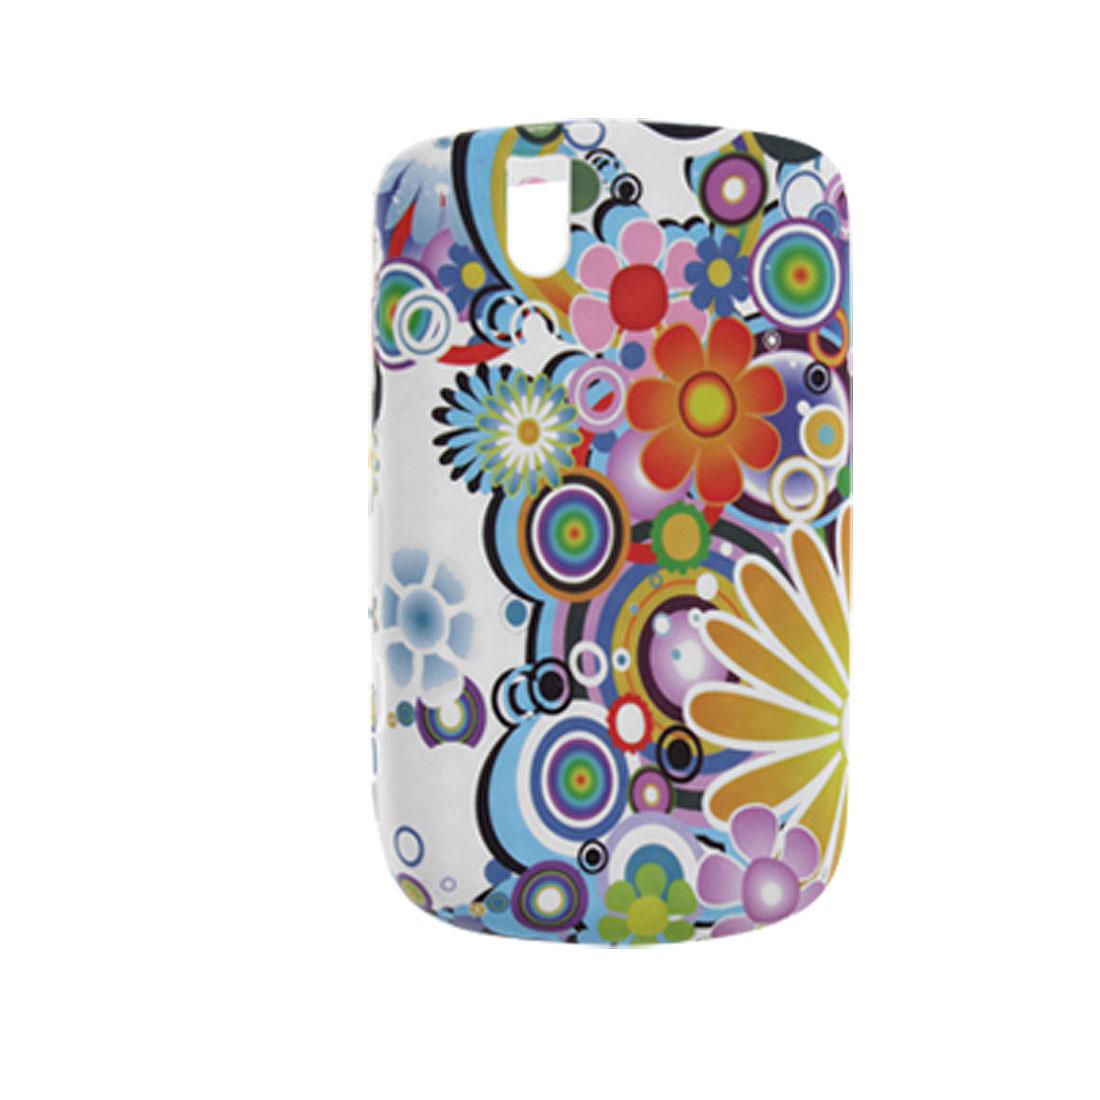 Flower Design Soft Plastic Case Cover for BlackBerry 9630